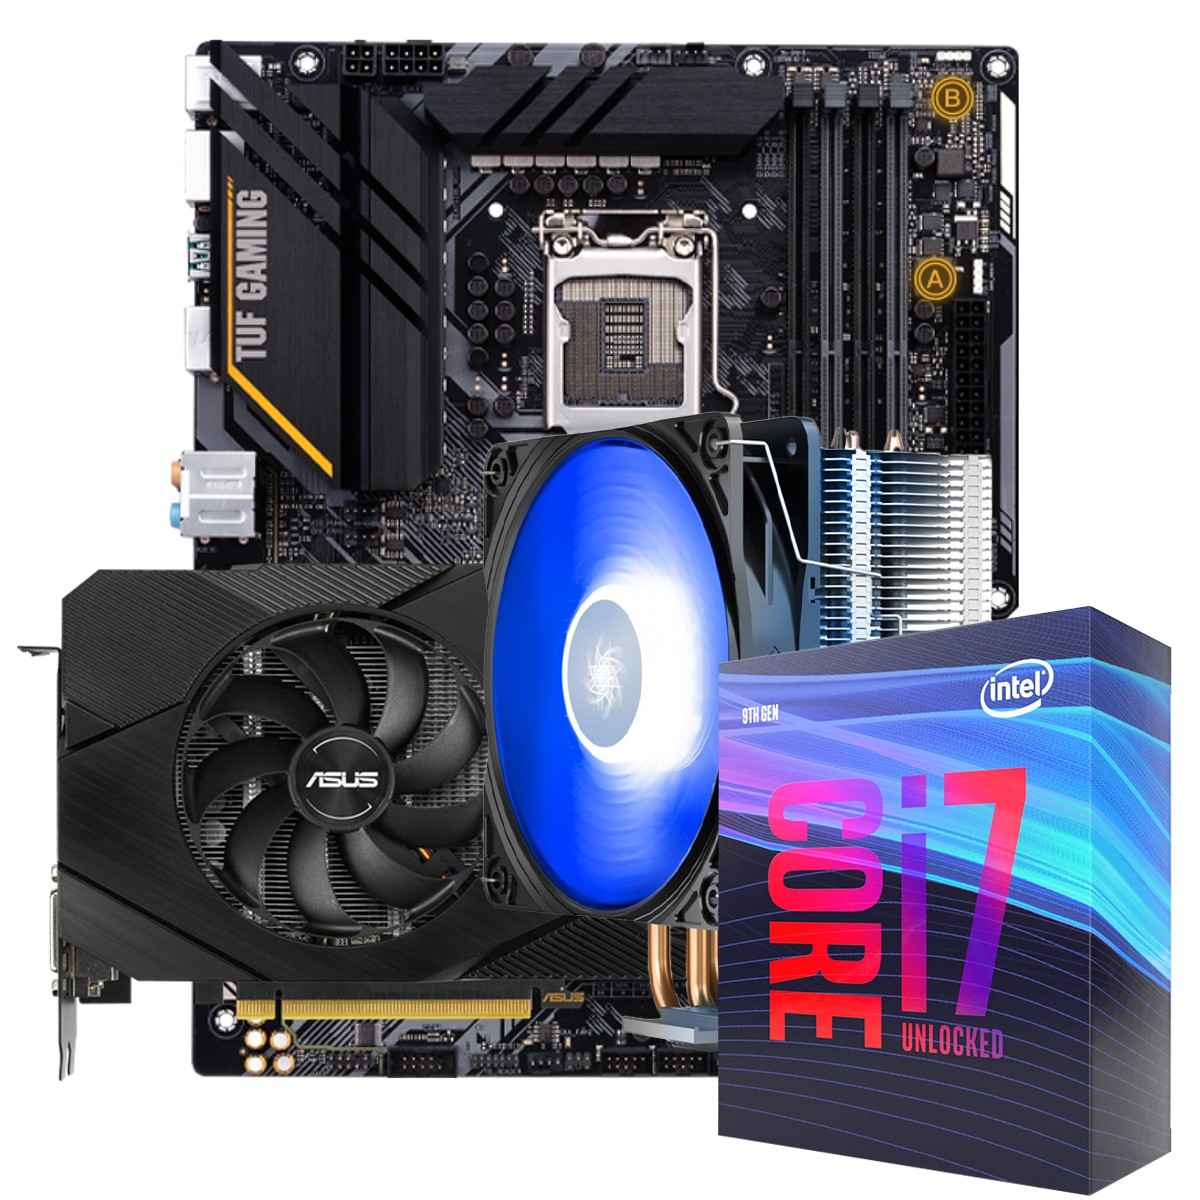 Kit Upgrade ASUS GeForce RTX 2060 OC EVO Dual + Intel Core i7 10700KF + ASUS Z490-Plus TUF Gaming + Brinde Cooler